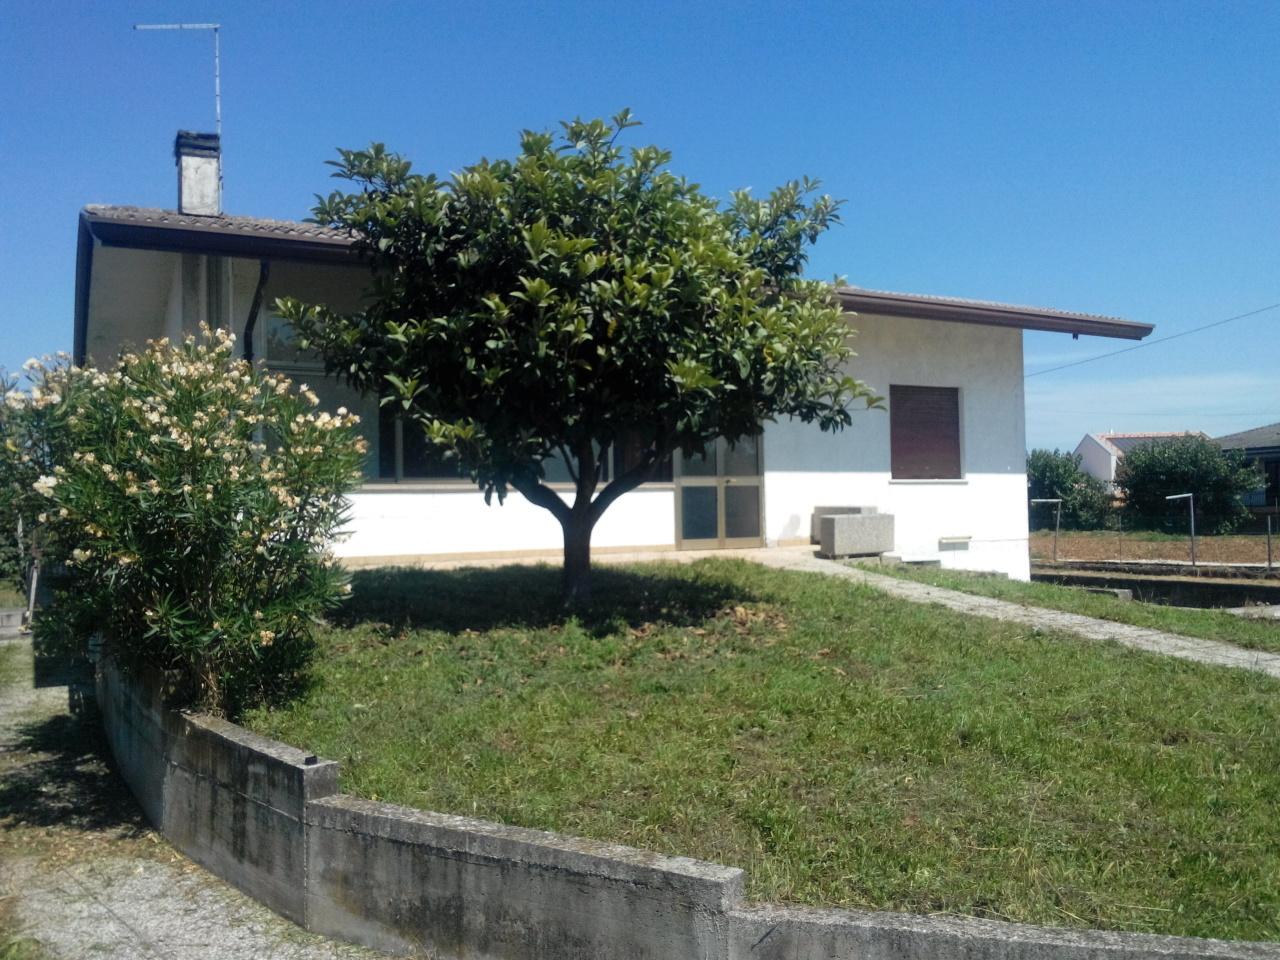 Soluzione Indipendente in vendita a Vedelago, 9 locali, prezzo € 190.000 | Cambio Casa.it